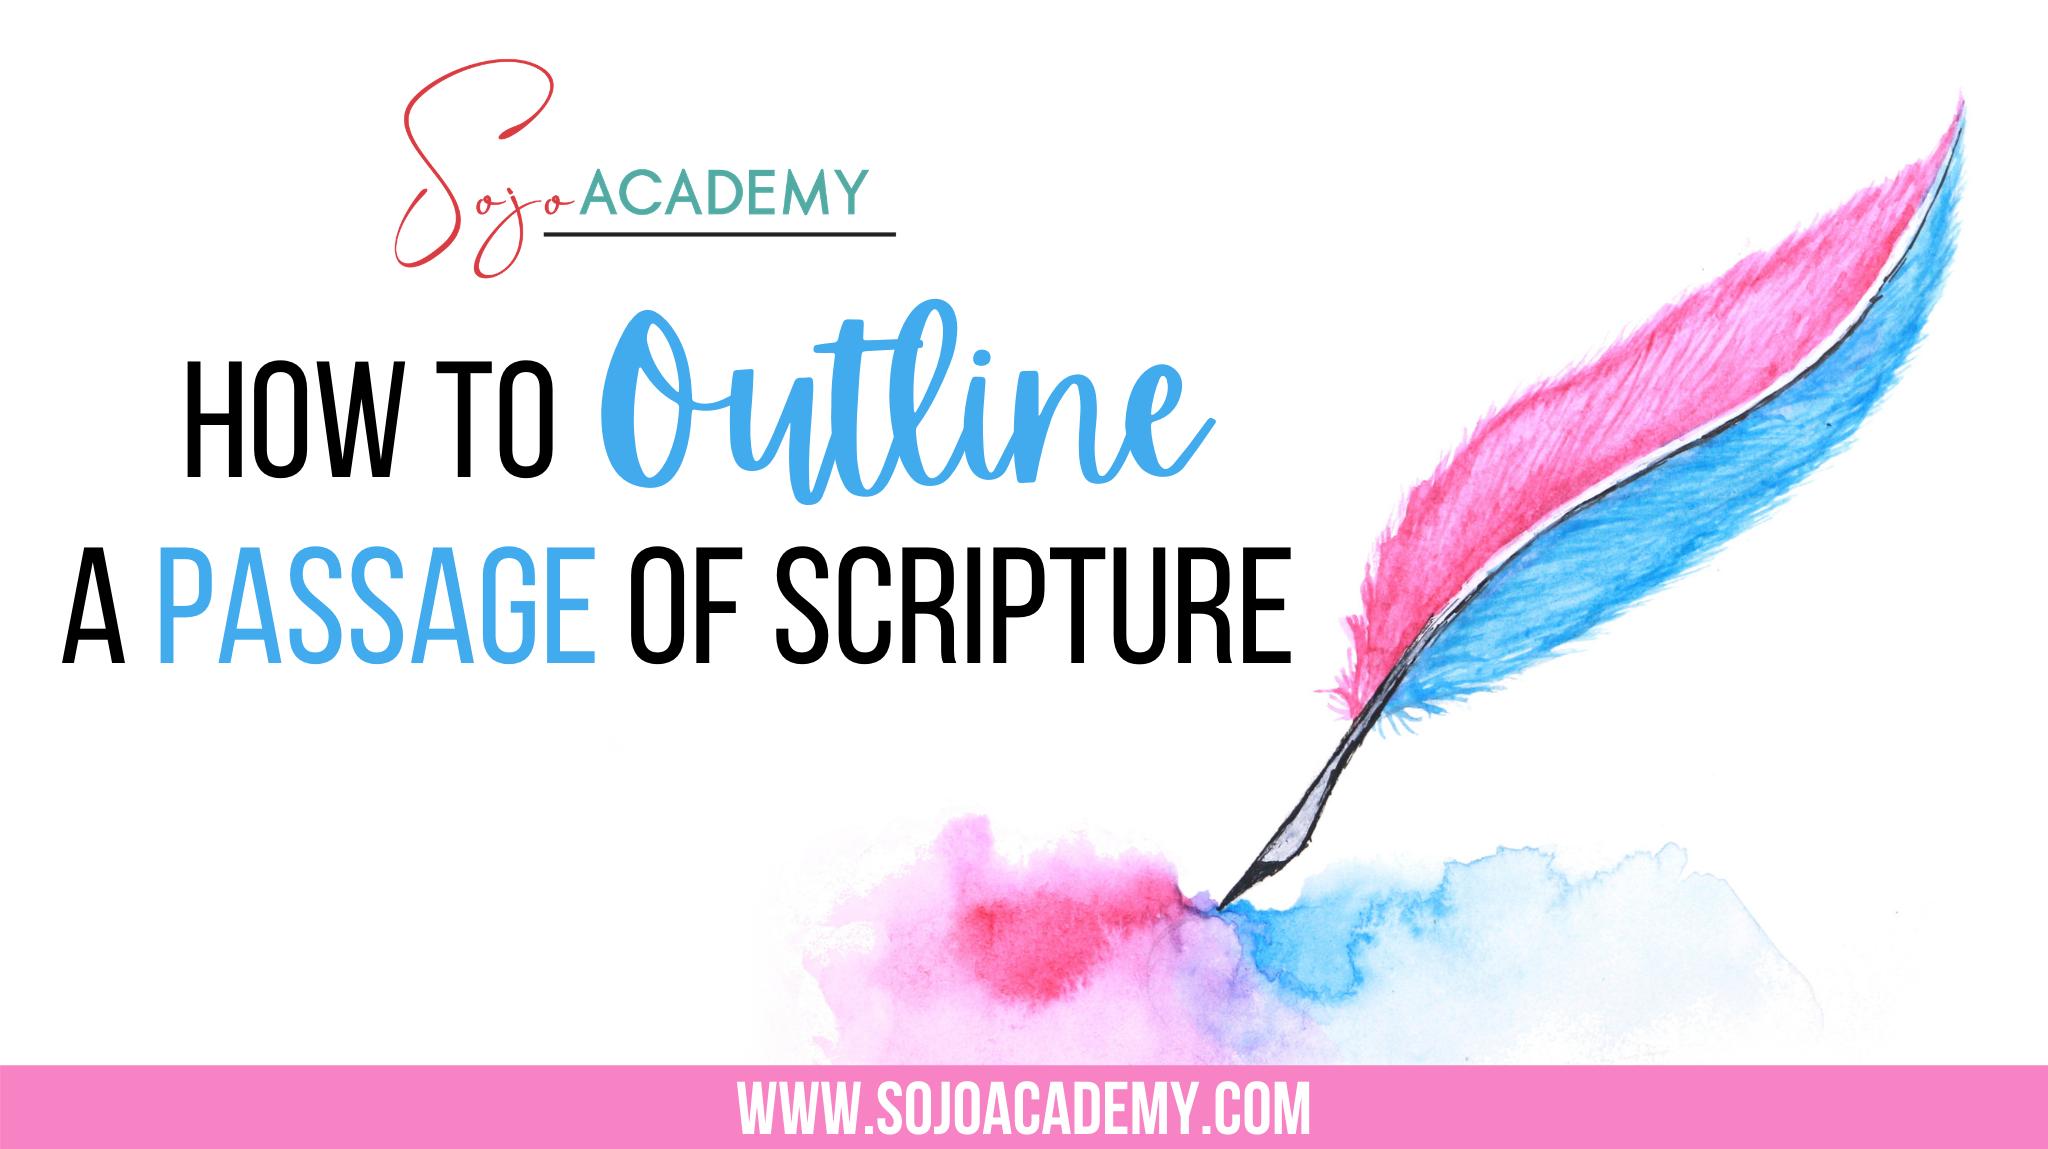 outline_scripture_workshop_2